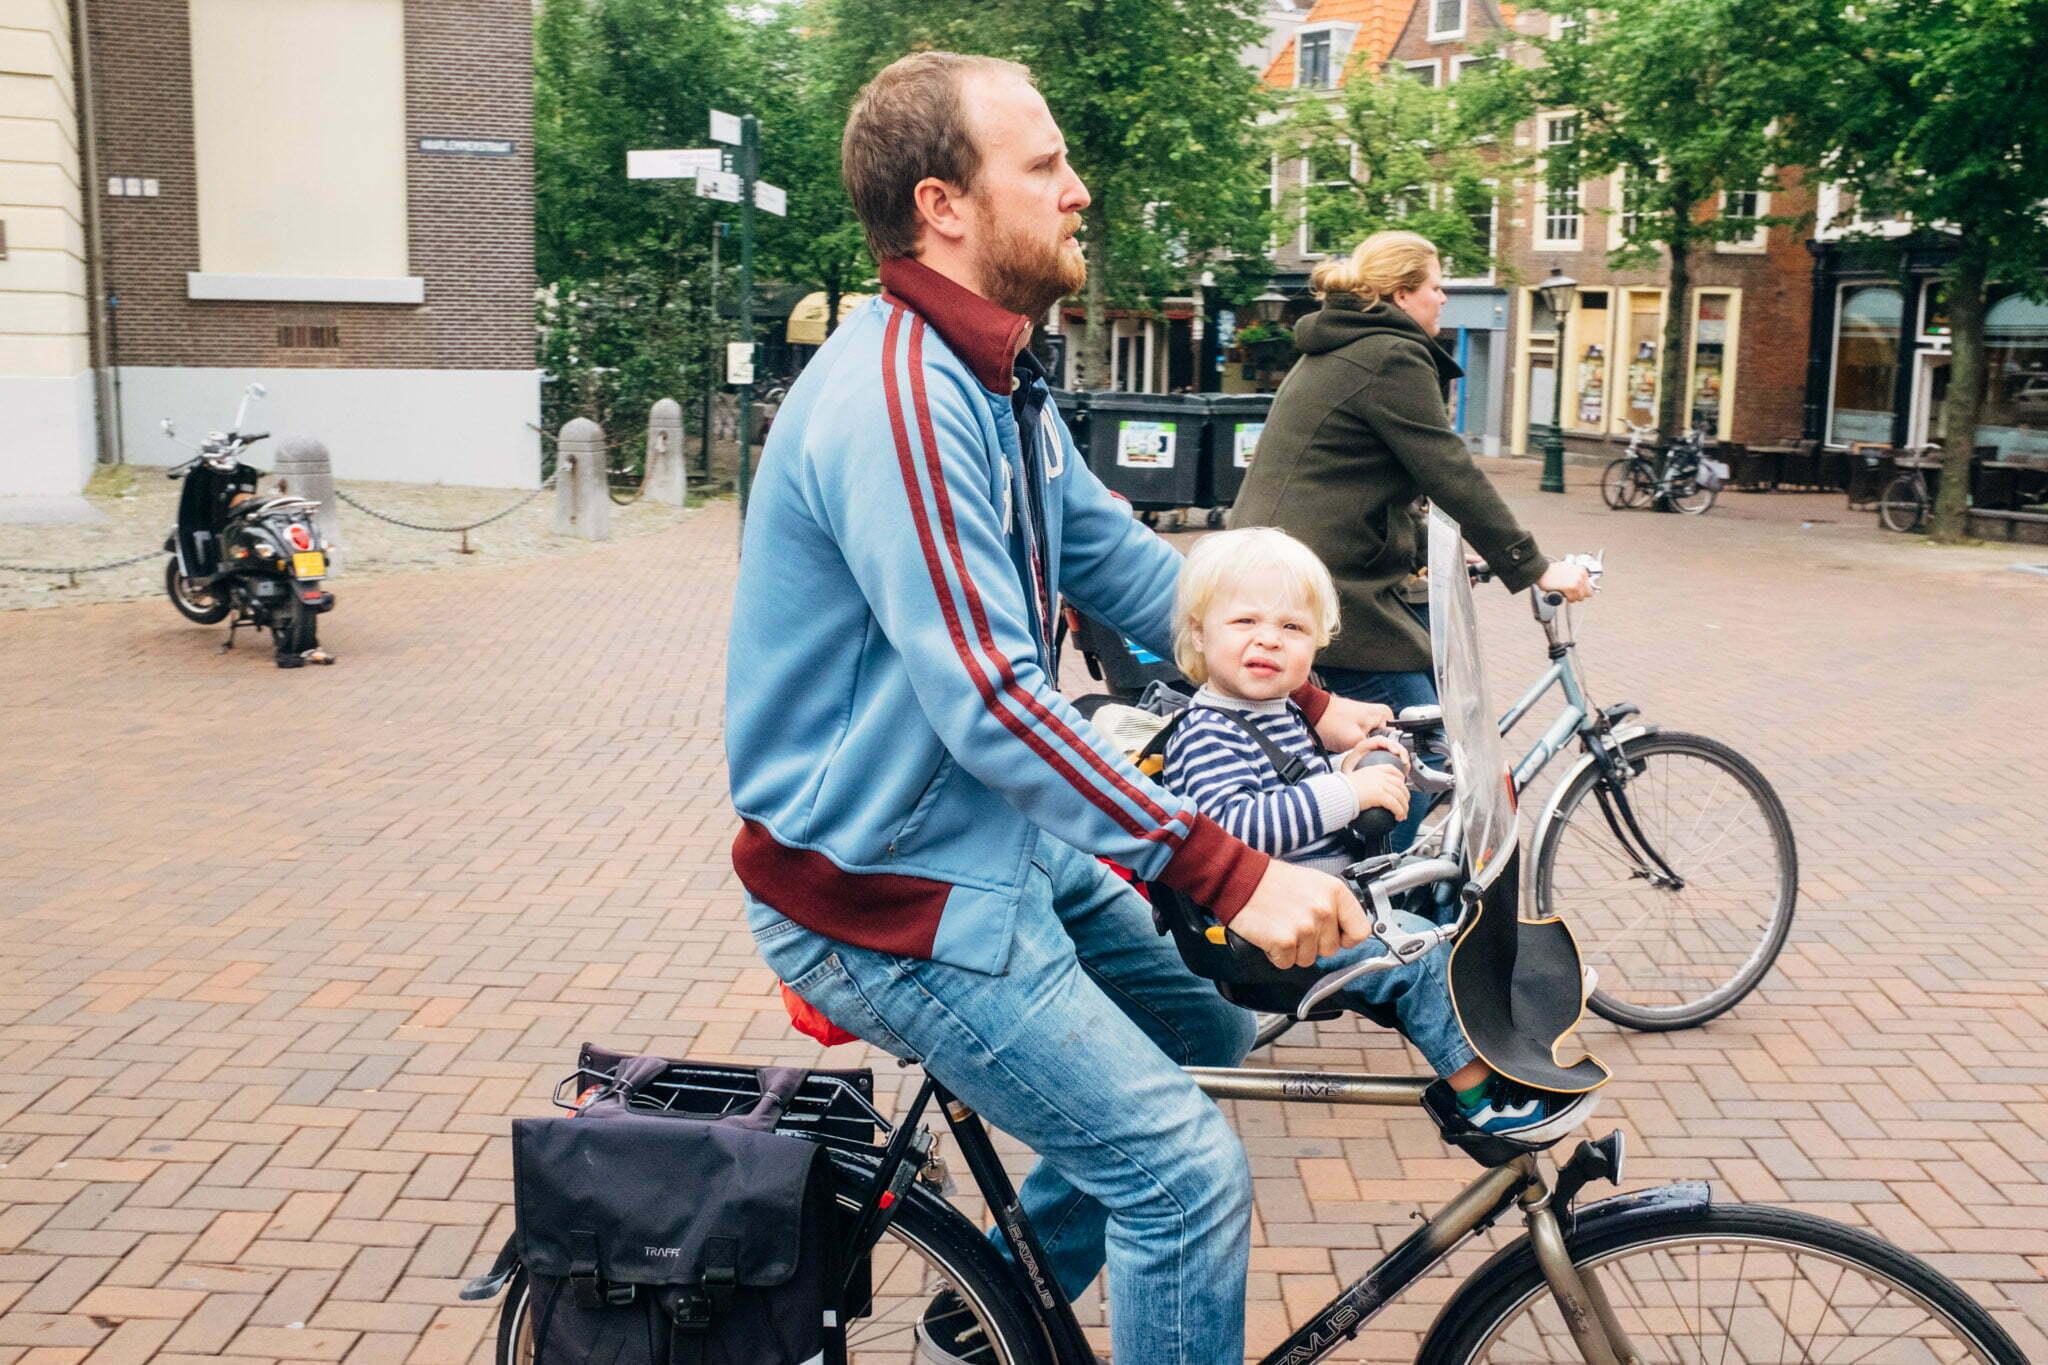 leiden-netherlands-2202-pete-carr